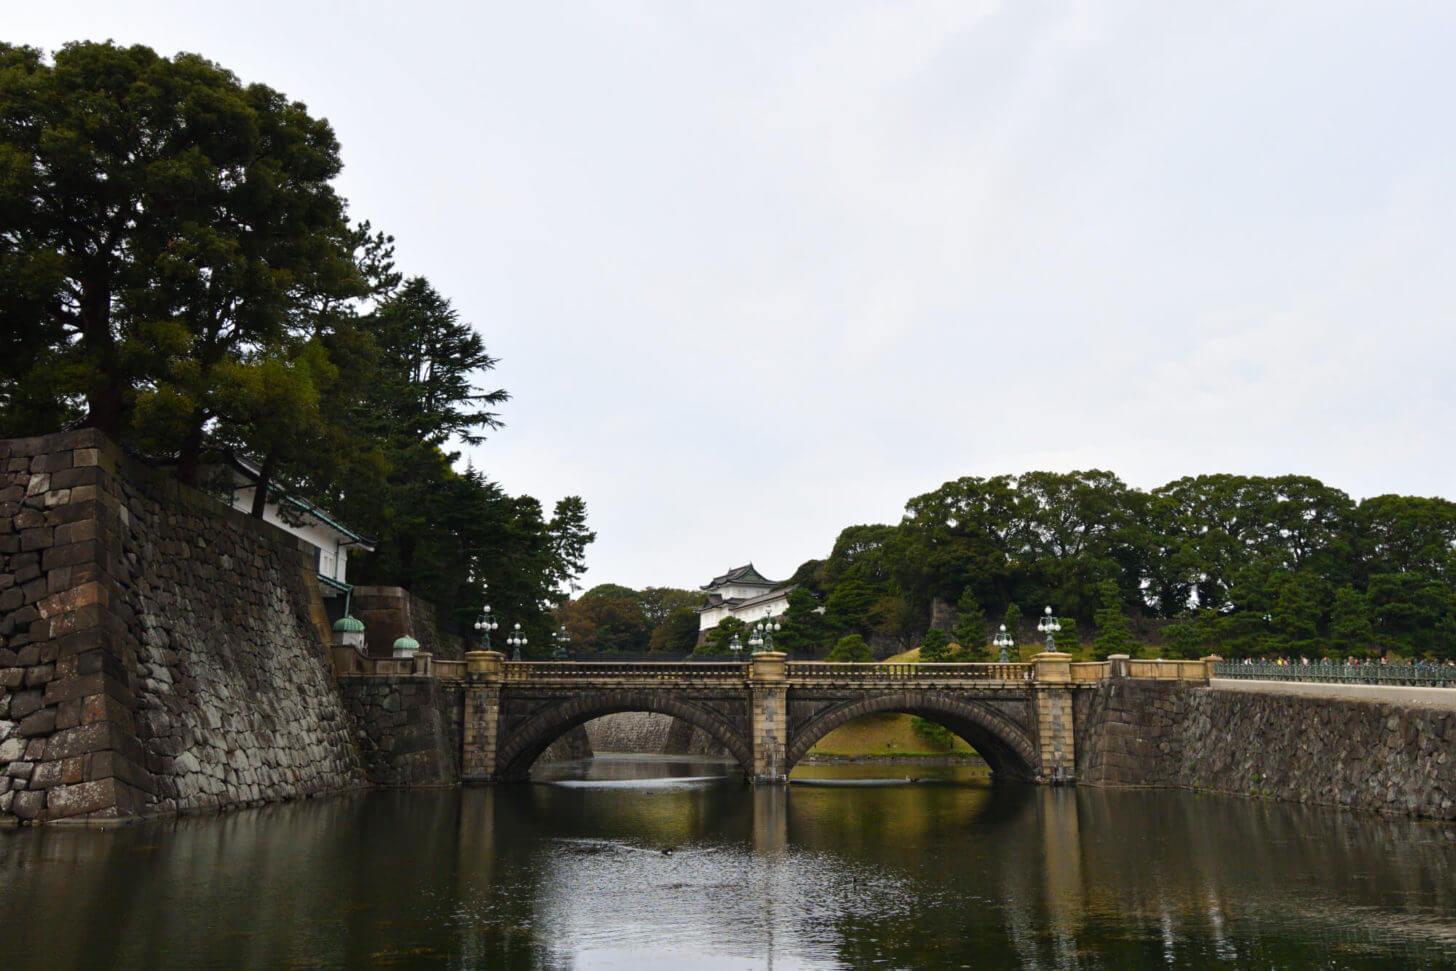 皇居外苑の正門石橋